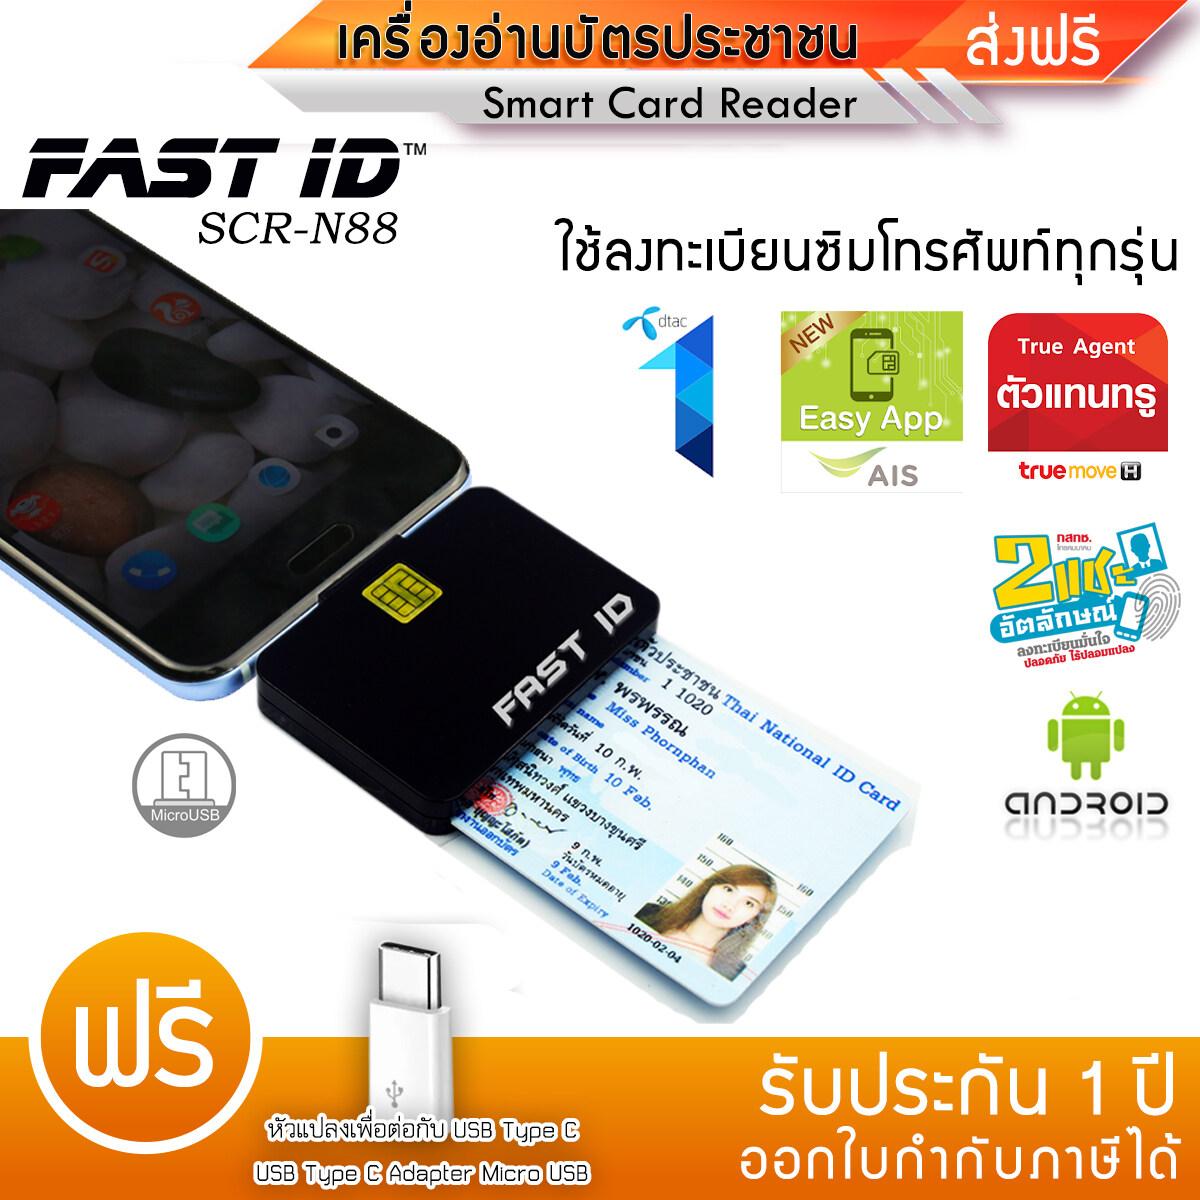 ลงทะเบียนซิมทุกค่าย เครื่องอ่านบัตรประชาชน อ่านบนมือถือ สมาทการ์ดและลงทะเบียนซิมการ์ด N88-Mobile เชื่อมต่อกับมือถือ(micro Usb) Mobile Card Reader Fastid.